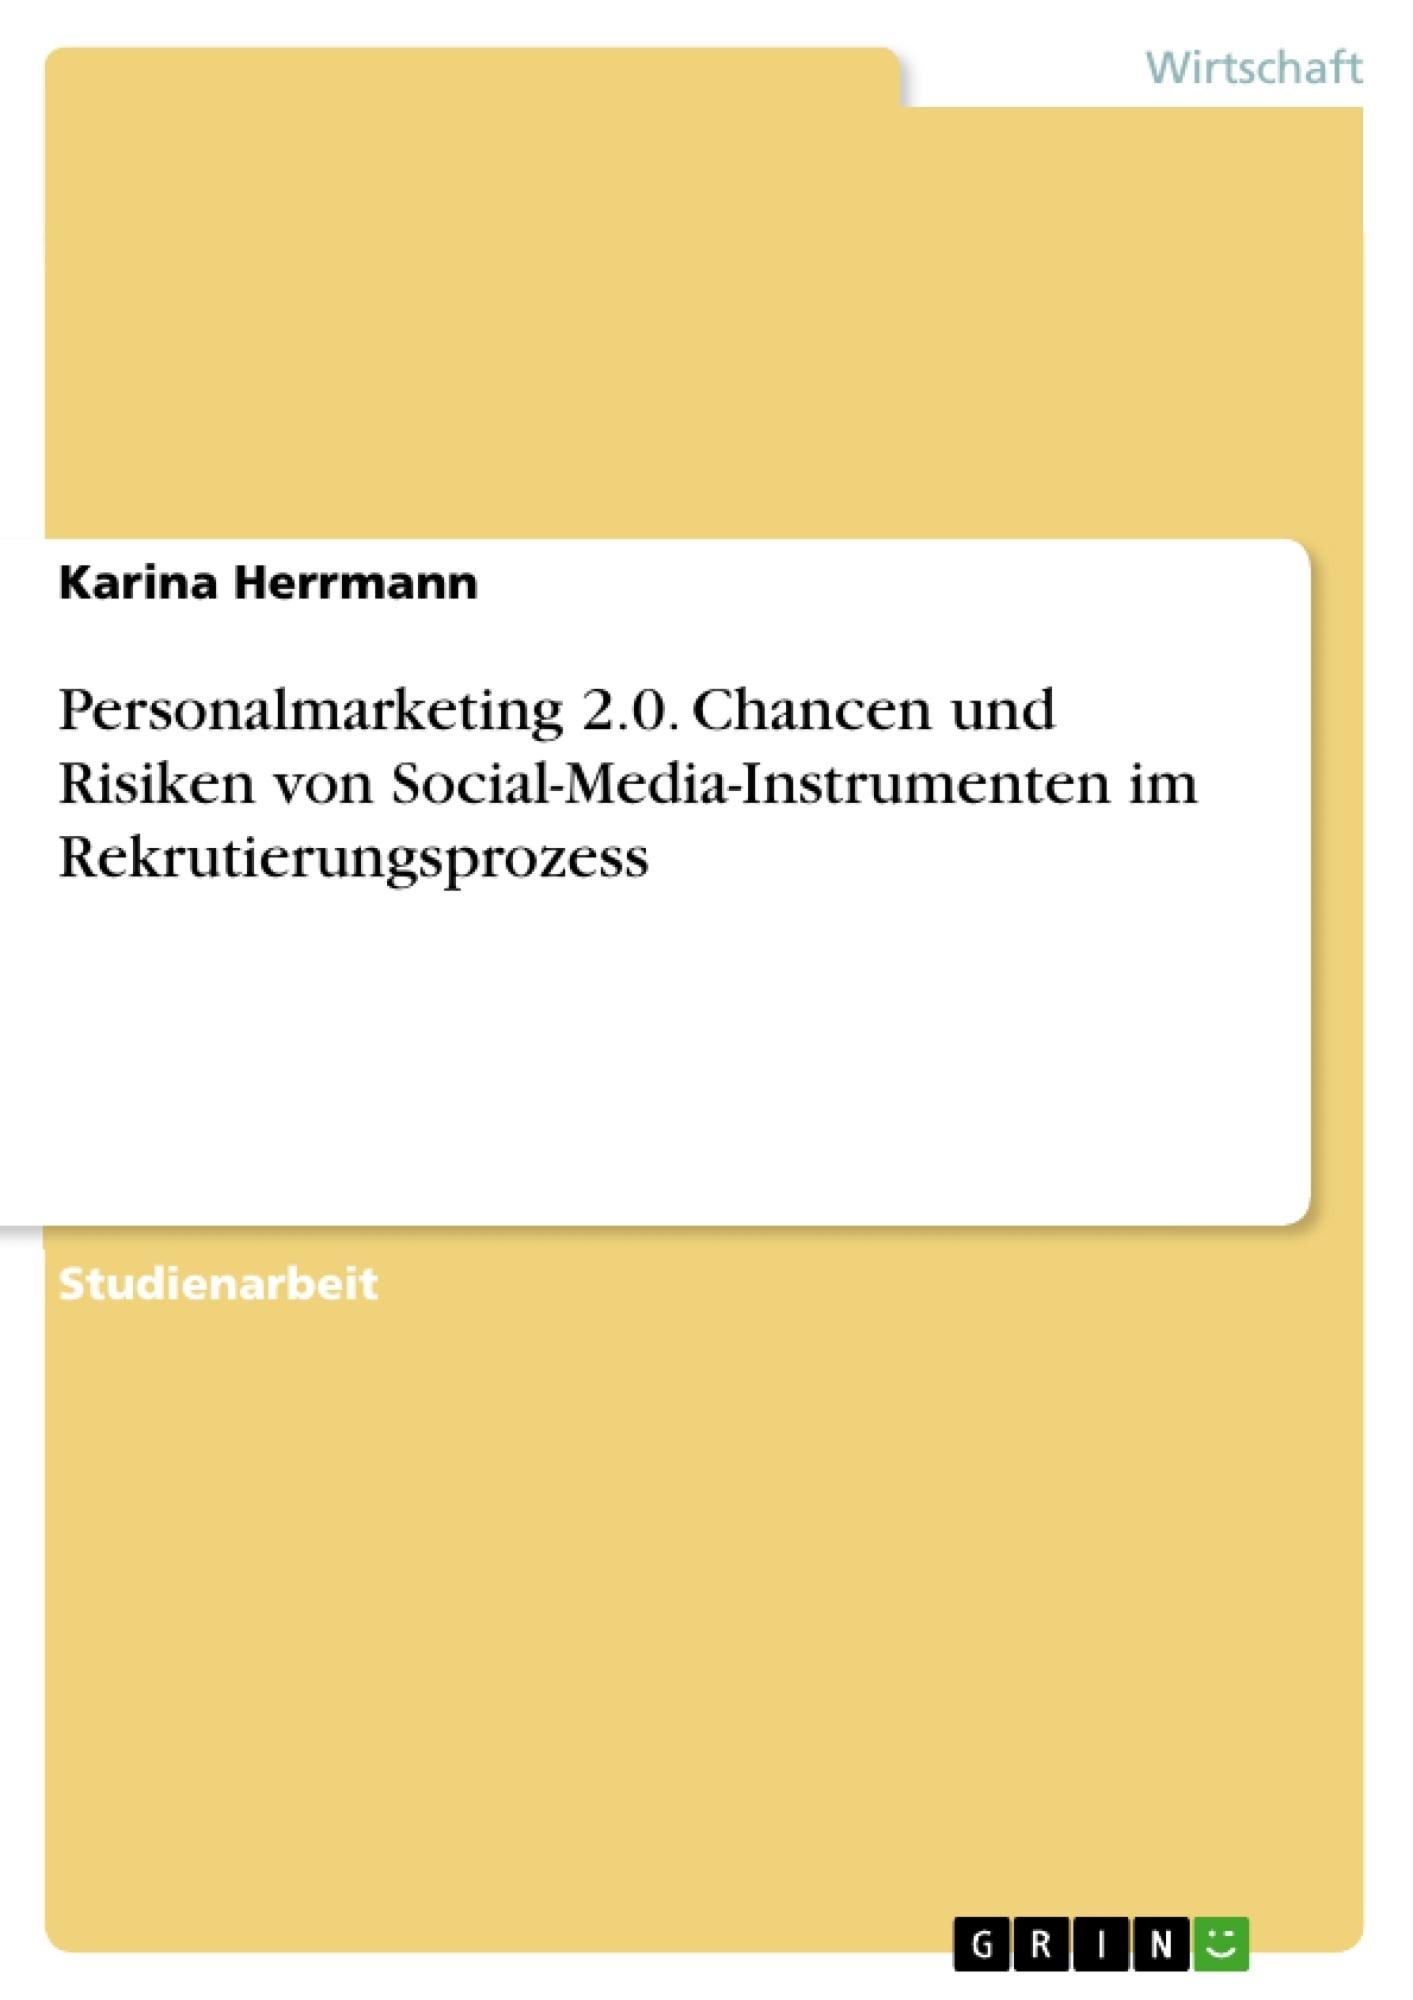 Titel: Personalmarketing 2.0. Chancen und Risiken von Social-Media-Instrumenten im Rekrutierungsprozess